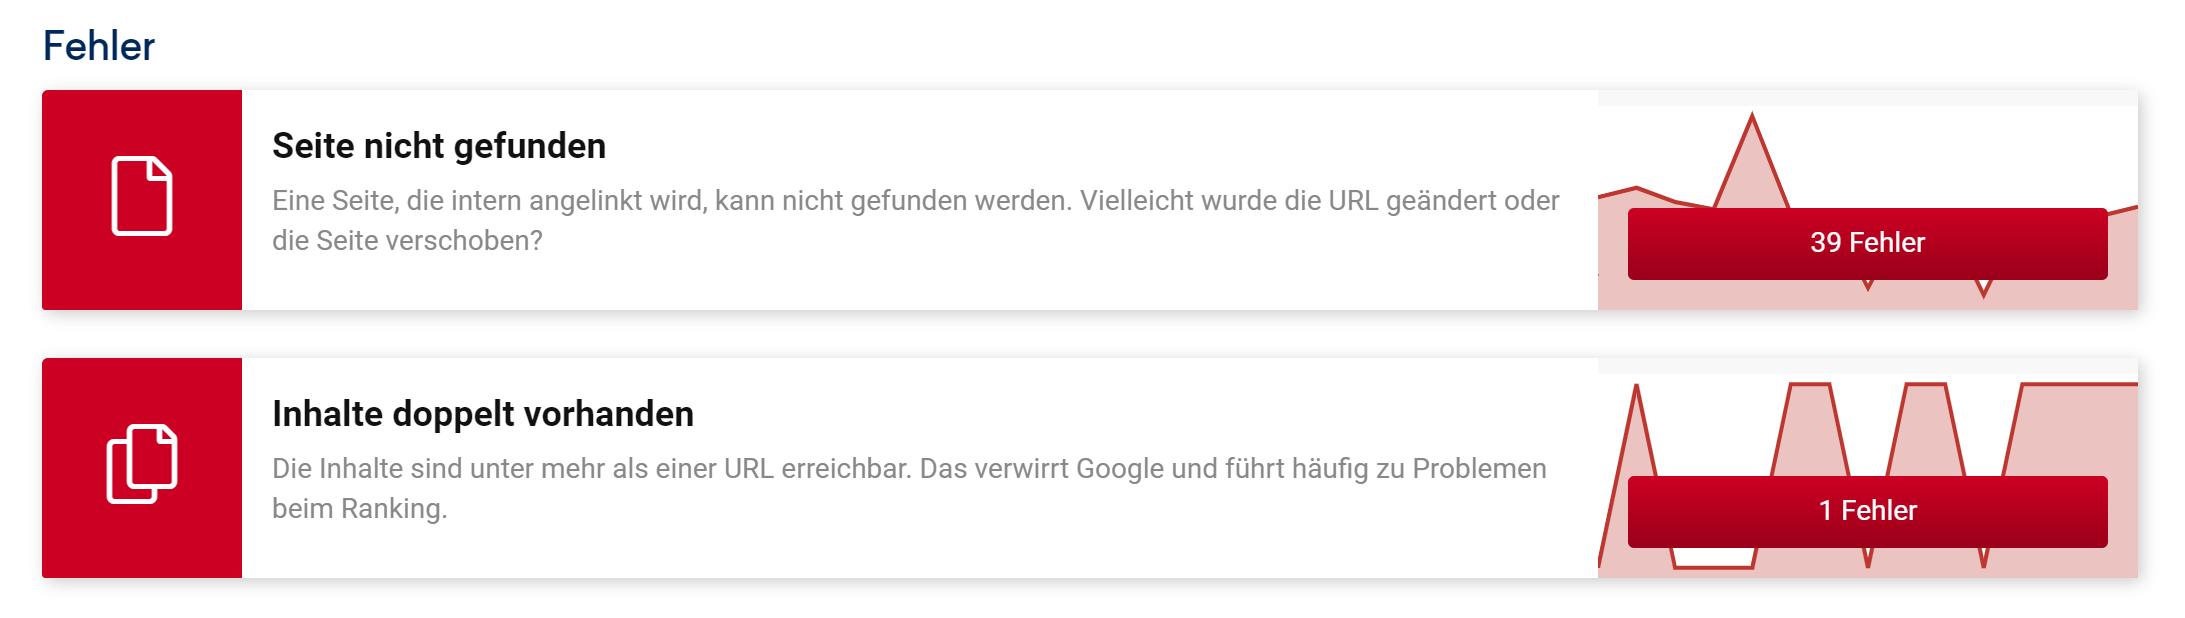 """Auszug aus der Fehler-Ansicht auf der Onpage-Überblick Seite im SISTRIX Optimizer. Es werden die Fehler """"Seite nicht gefunden"""" und """"Inhalte doppelt vorhanden"""" gezeigt."""